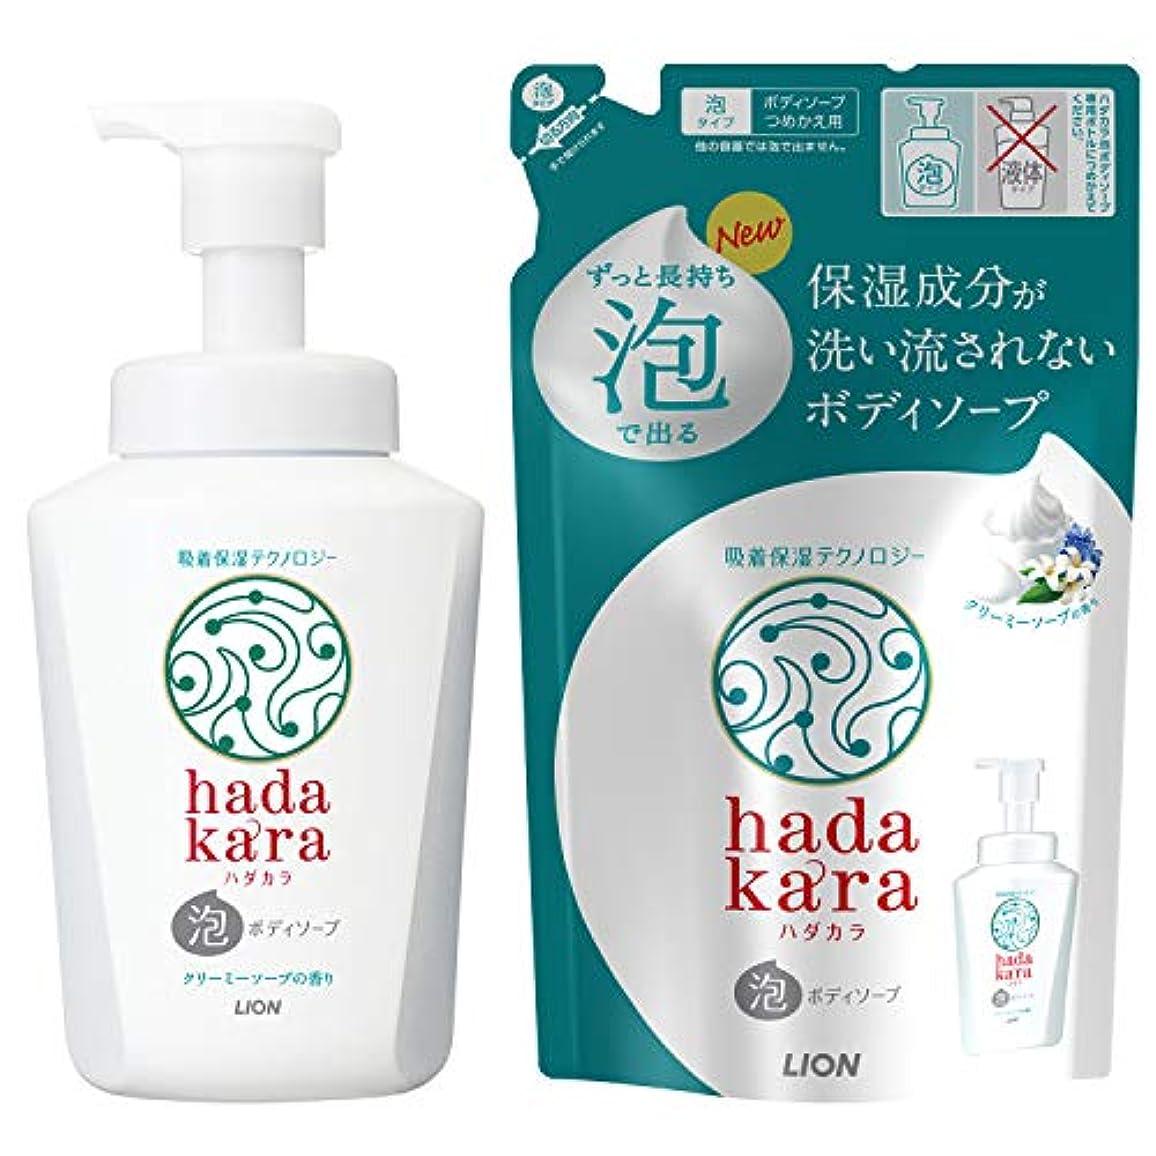 注釈を付けるおとうさん検出するhadakara(ハダカラ) ボディソープ 泡タイプ クリーミーソープの香り 本体550ml+詰替440ml